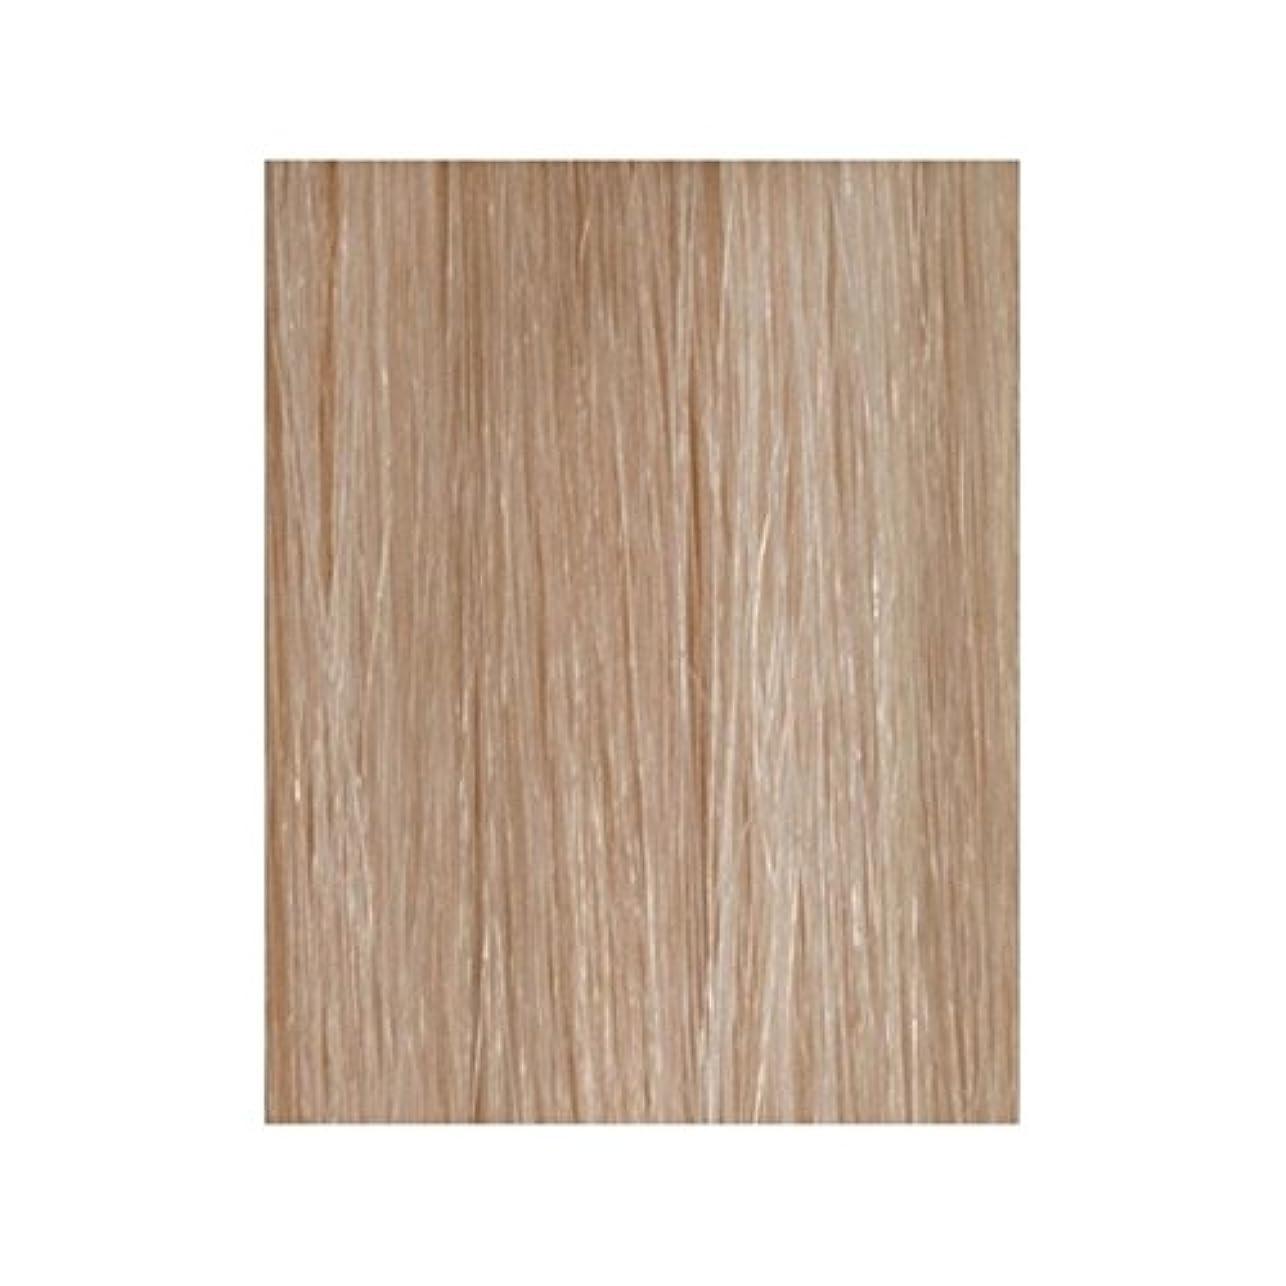 知人ステレオ真実Beauty Works 100% Remy Colour Swatch Hair Extension - Champagne Blonde 613/18 (Pack of 6) - 美しさは、100%レミー色見本のヘアエクステンションの作品 - シャンパンブロンド18分の613 x6 [並行輸入品]